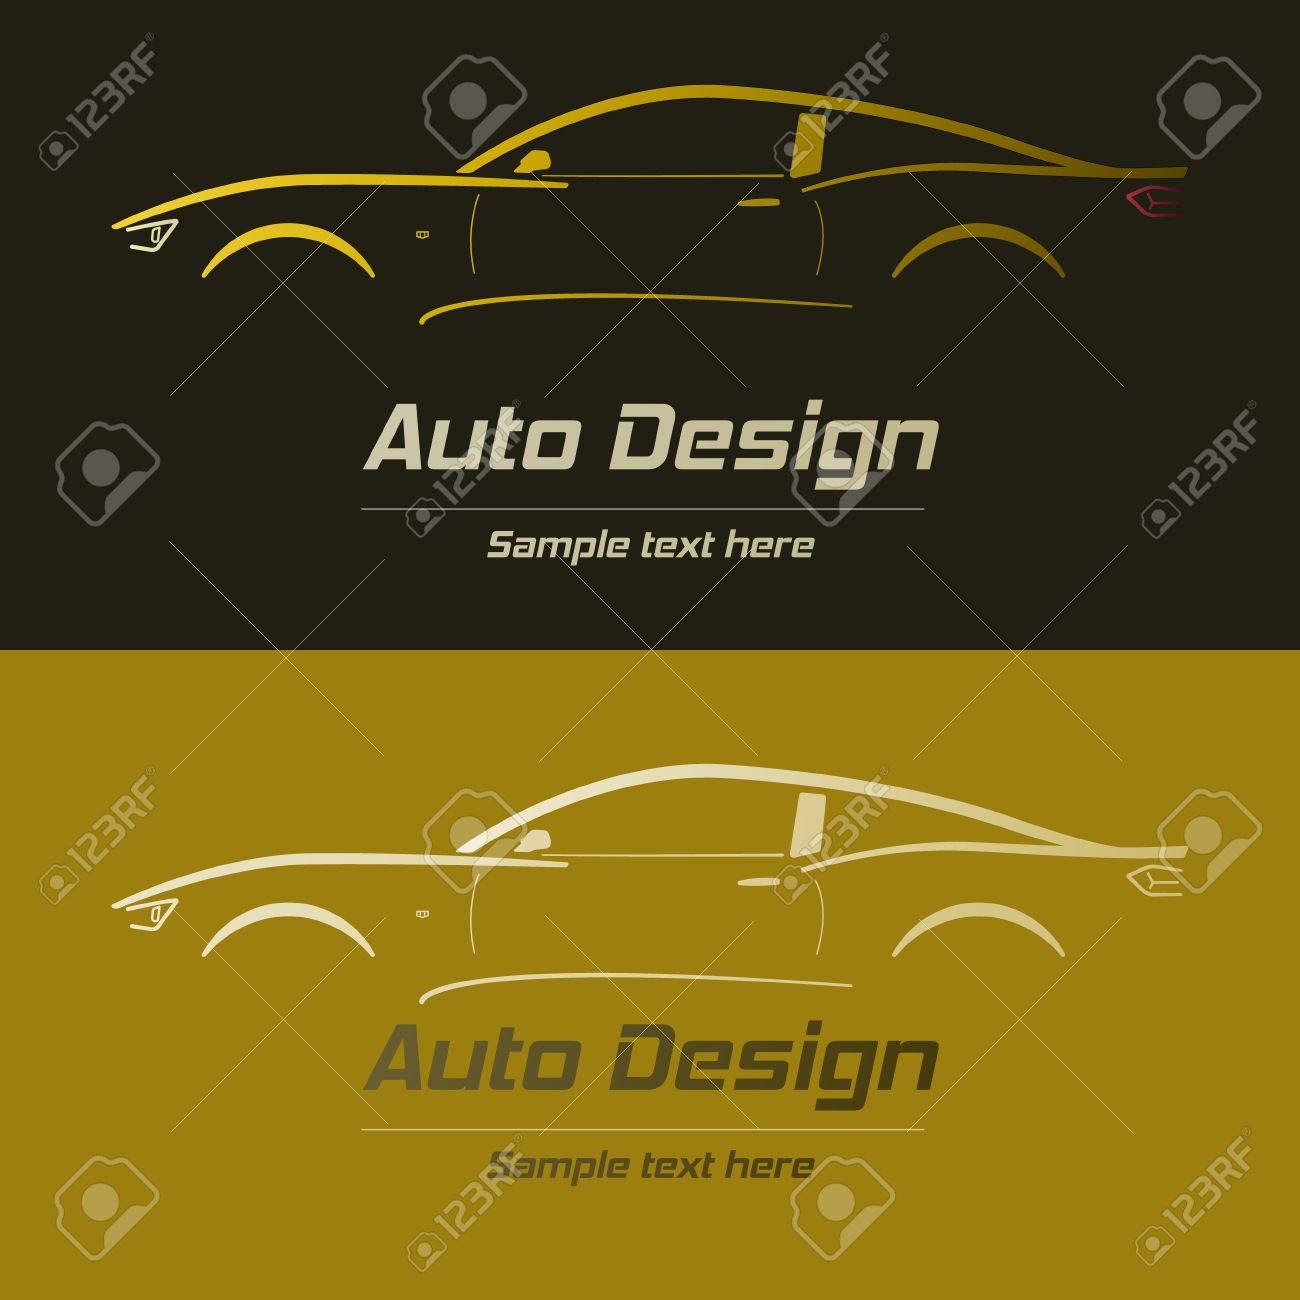 Großartig Automobil Vorlagen Ideen - Beispiel Business Lebenslauf ...